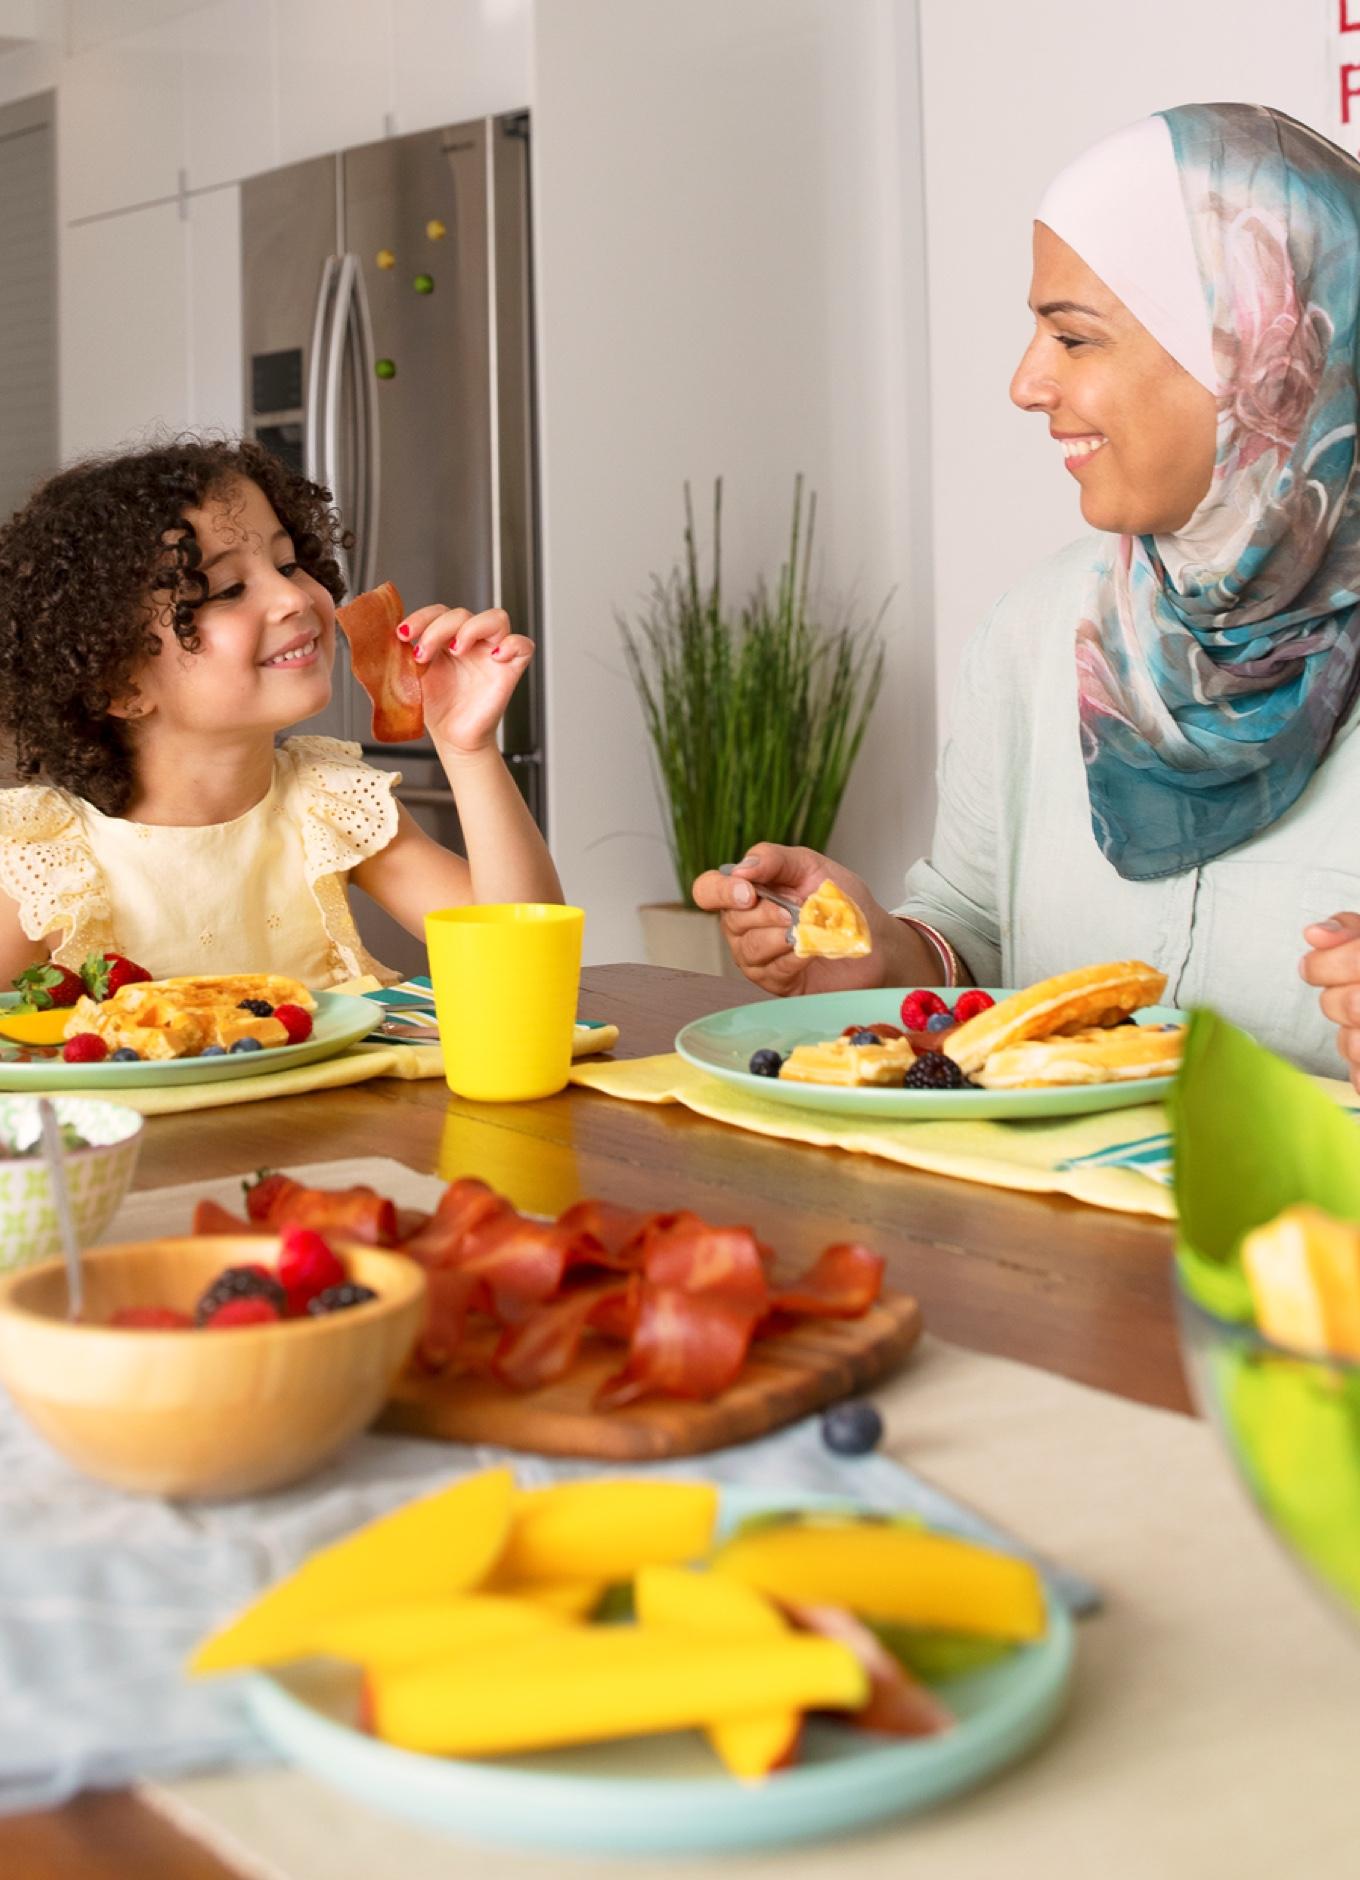 Une mère et son enfant savourant du bacon au poulet halal et des fruits frais.